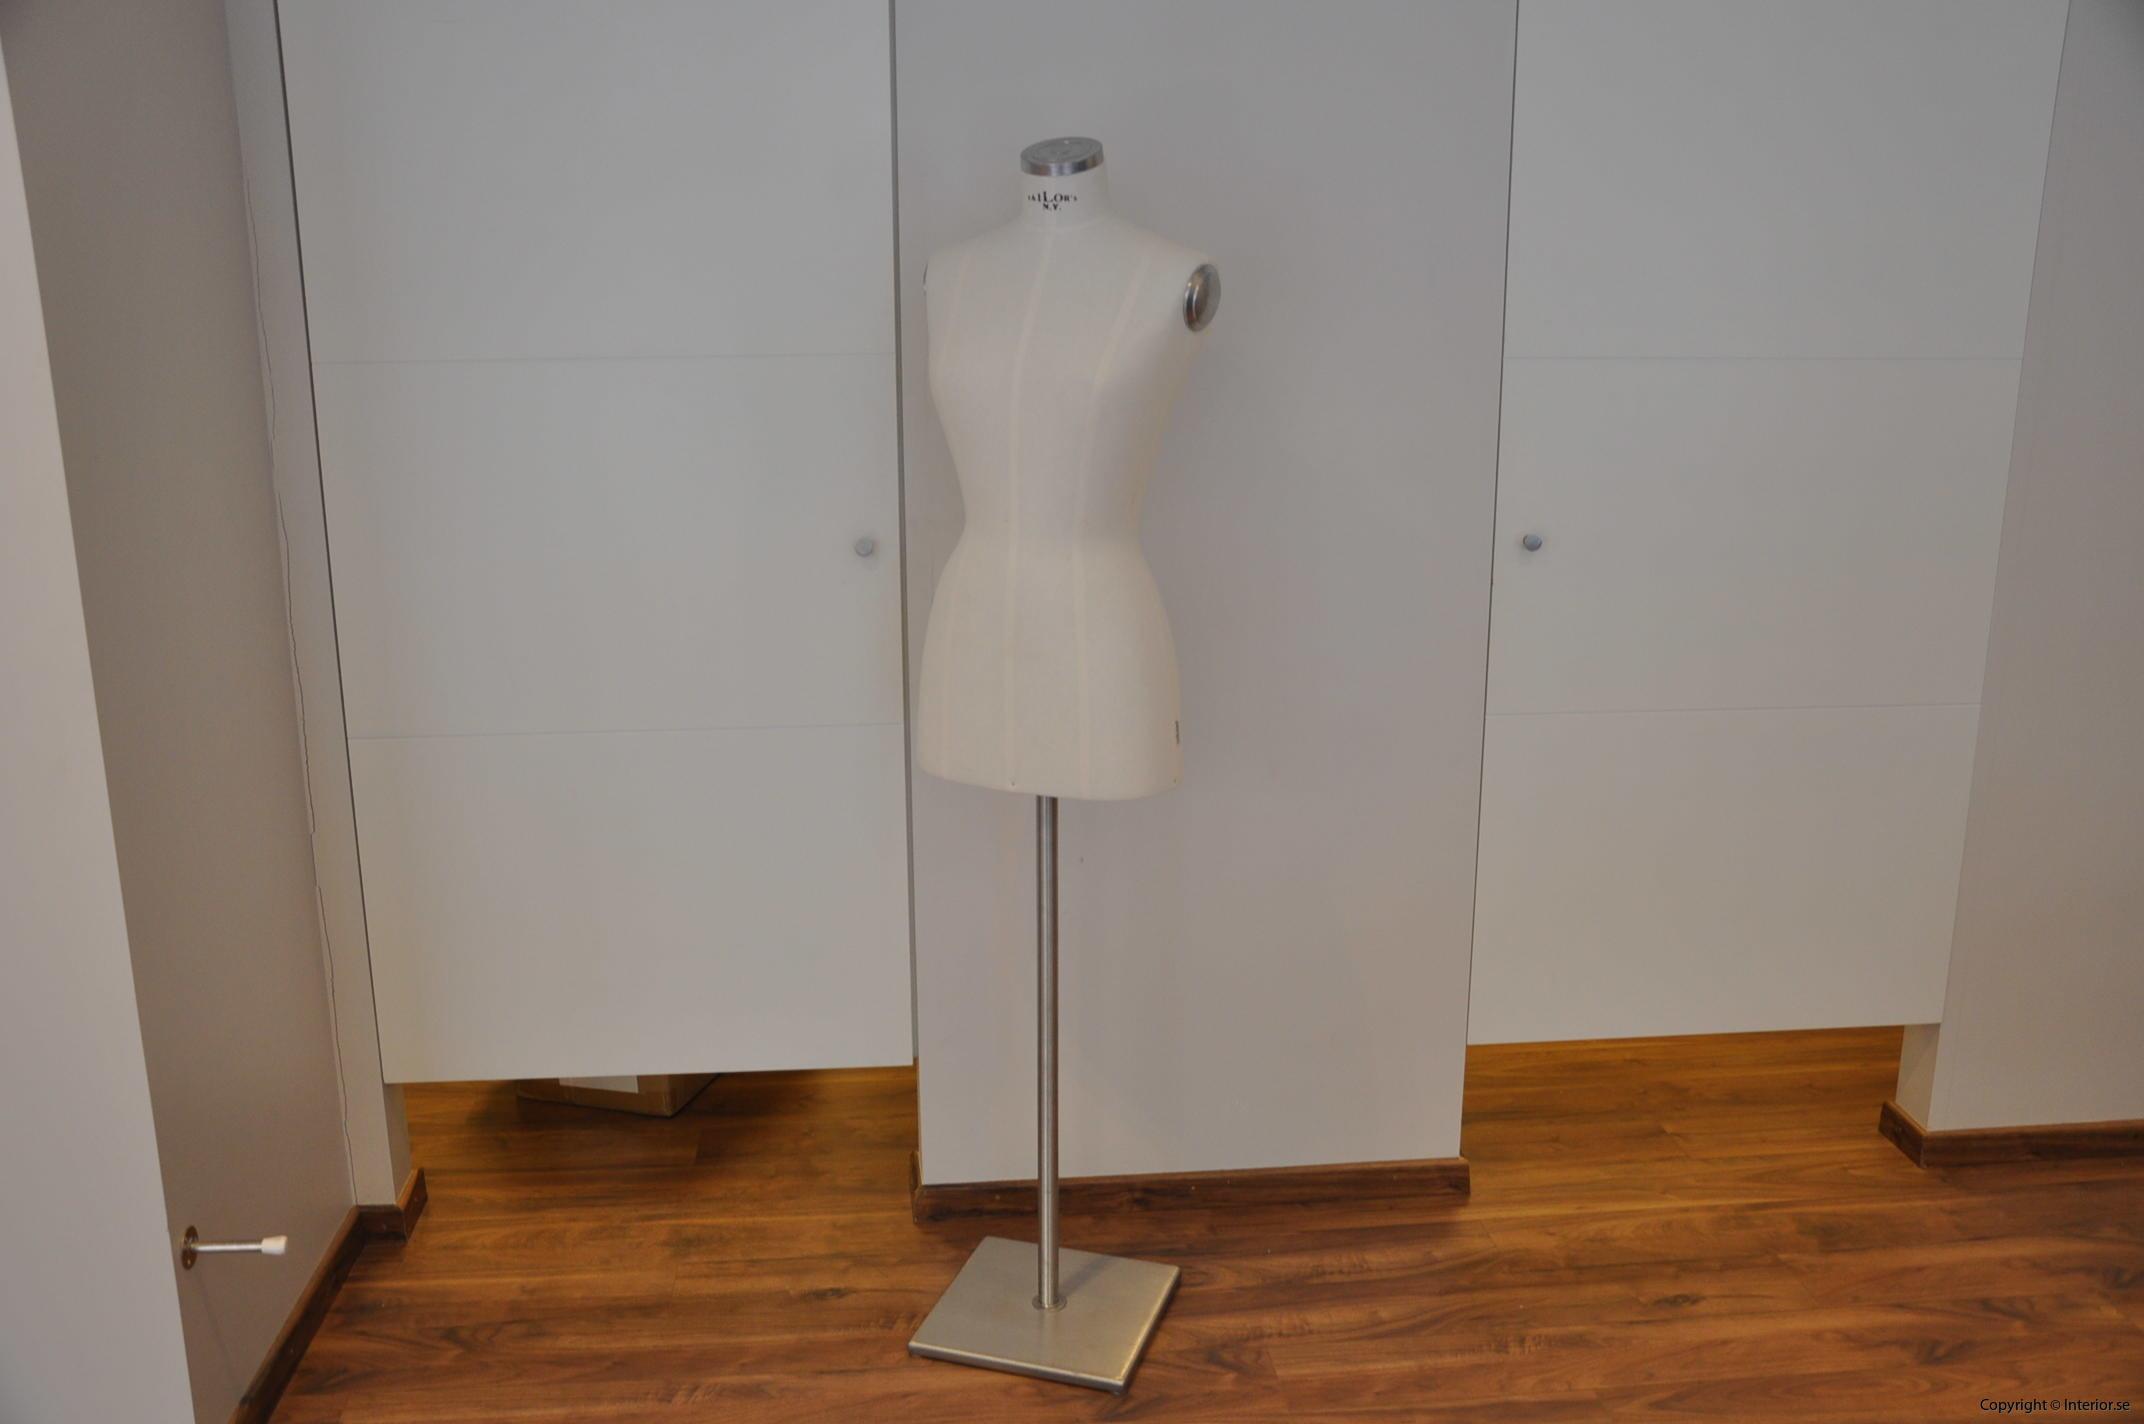 skyltdocka TAILOR'S ny tailor ny tailors ny mannequins begagnad